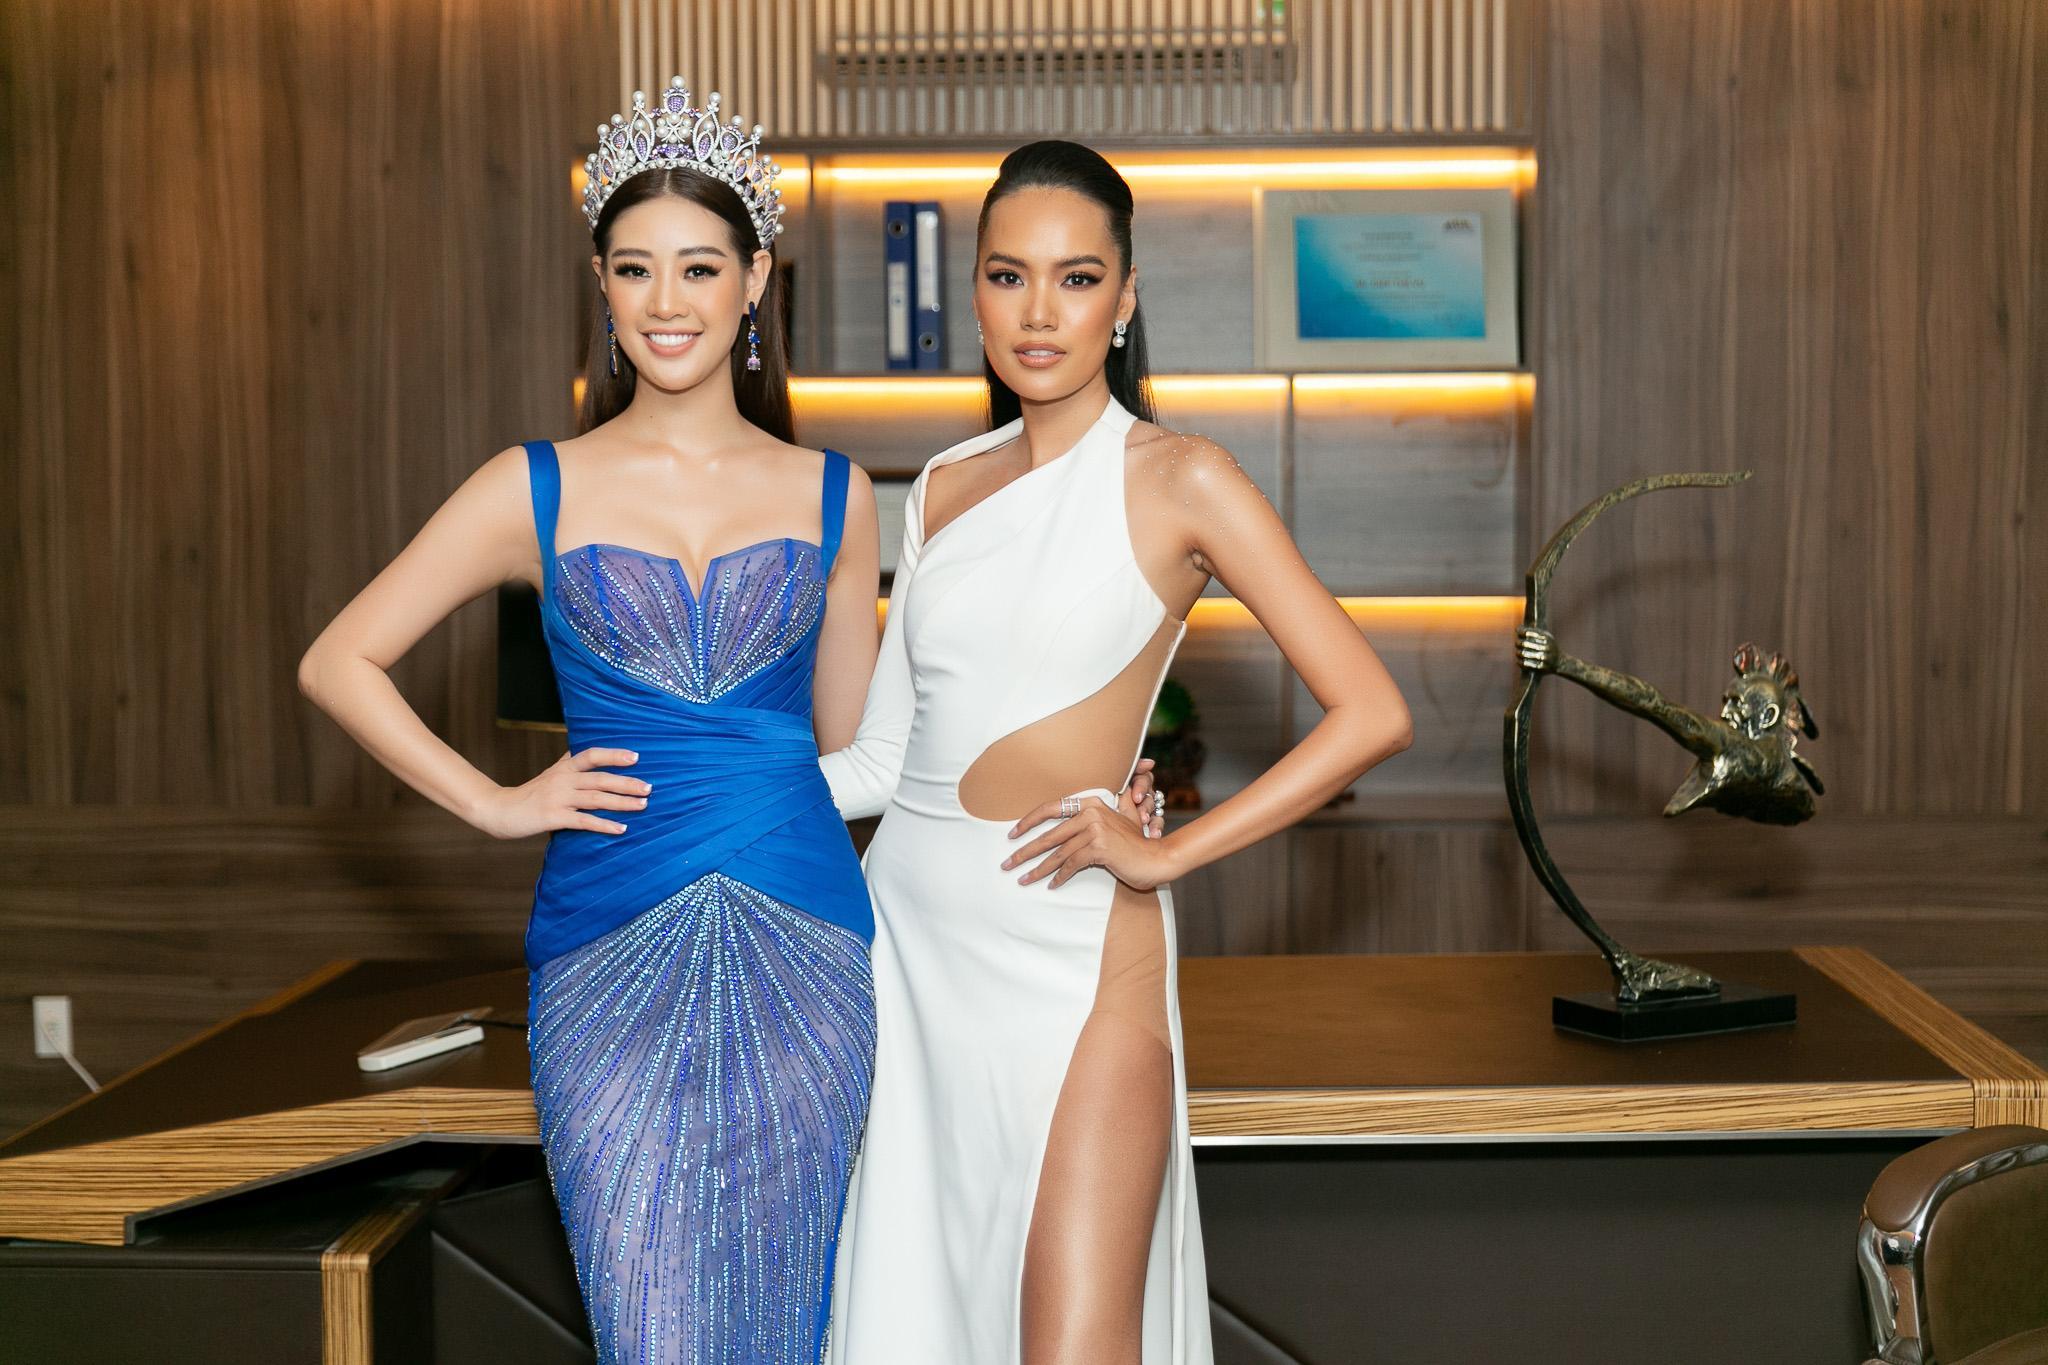 Hoa hau Khanh Van va nguoi dep bien Le Hoang Phuong (6)